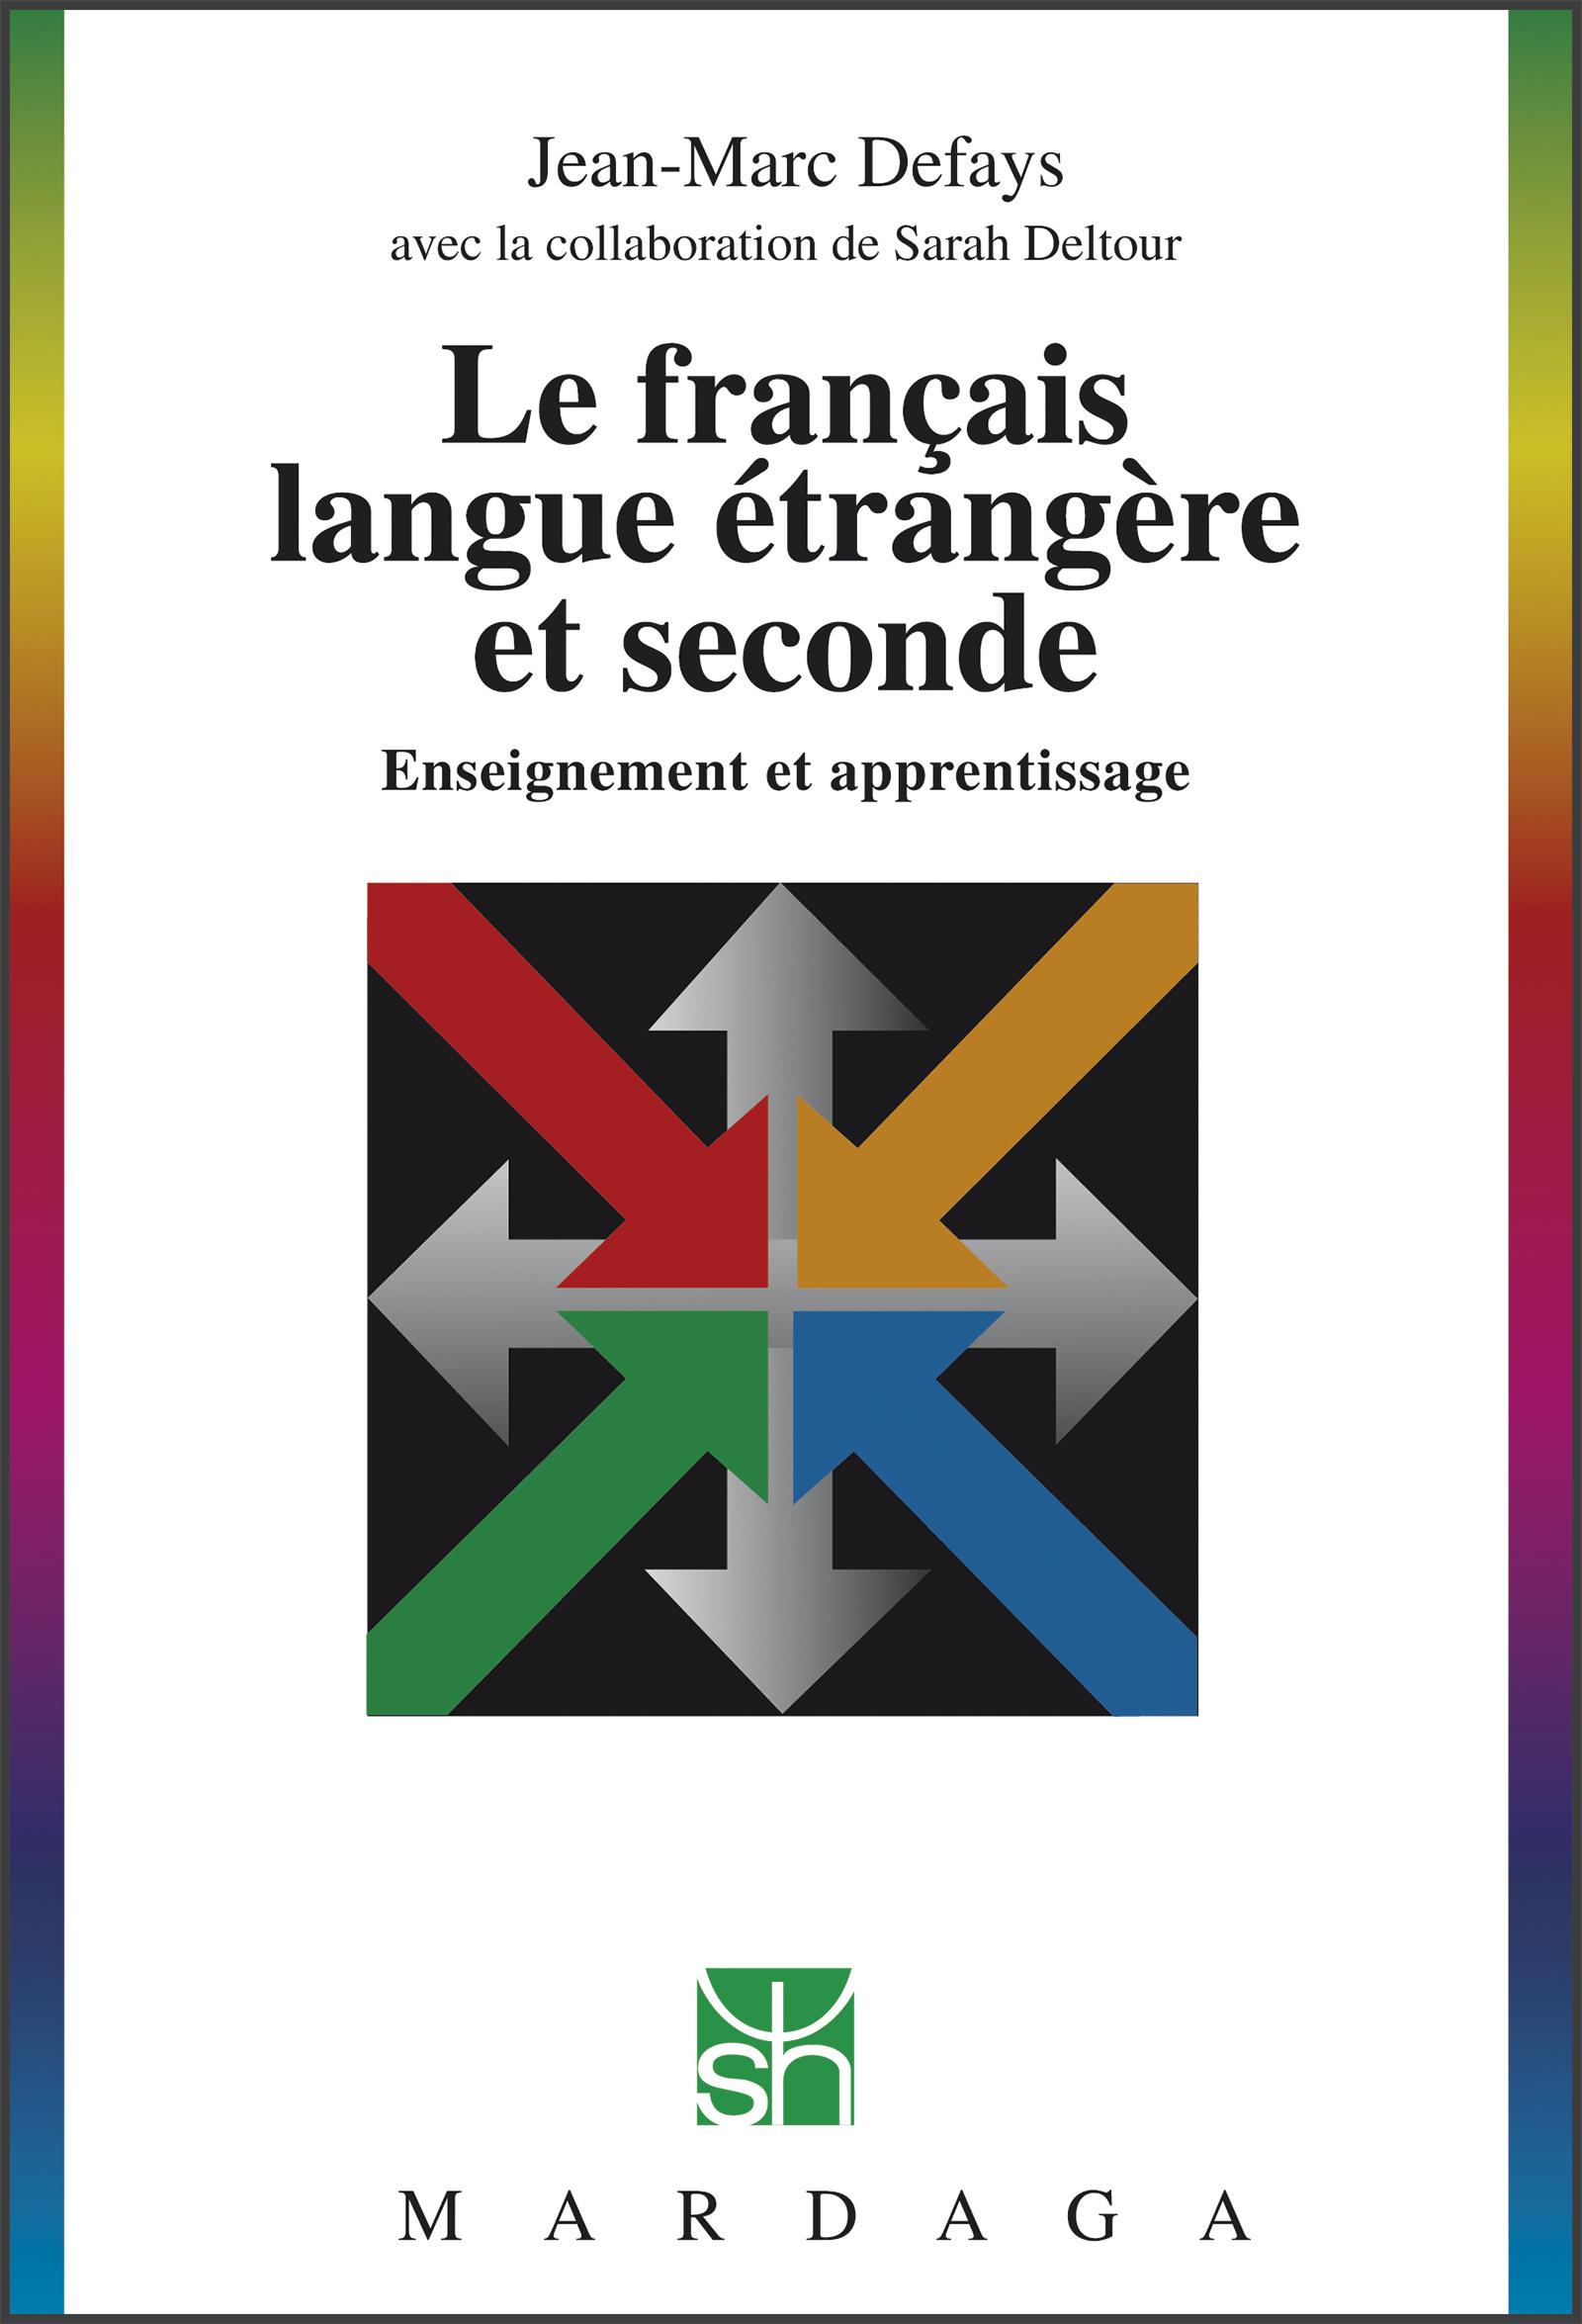 Le français langue étrangère et seconde, Enseignement et apprentissage